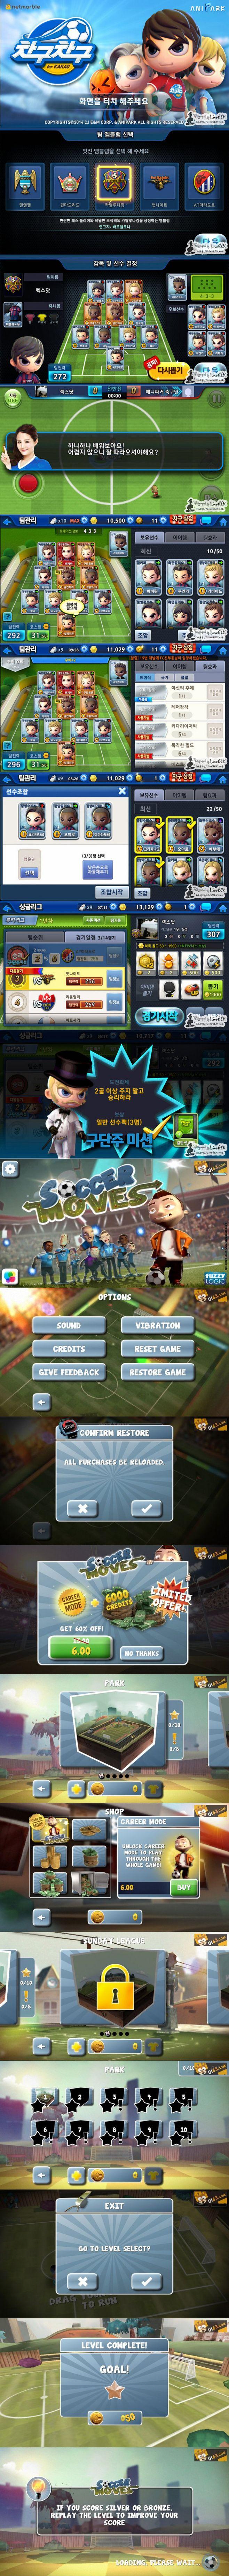 韩国足球游戏ui设计